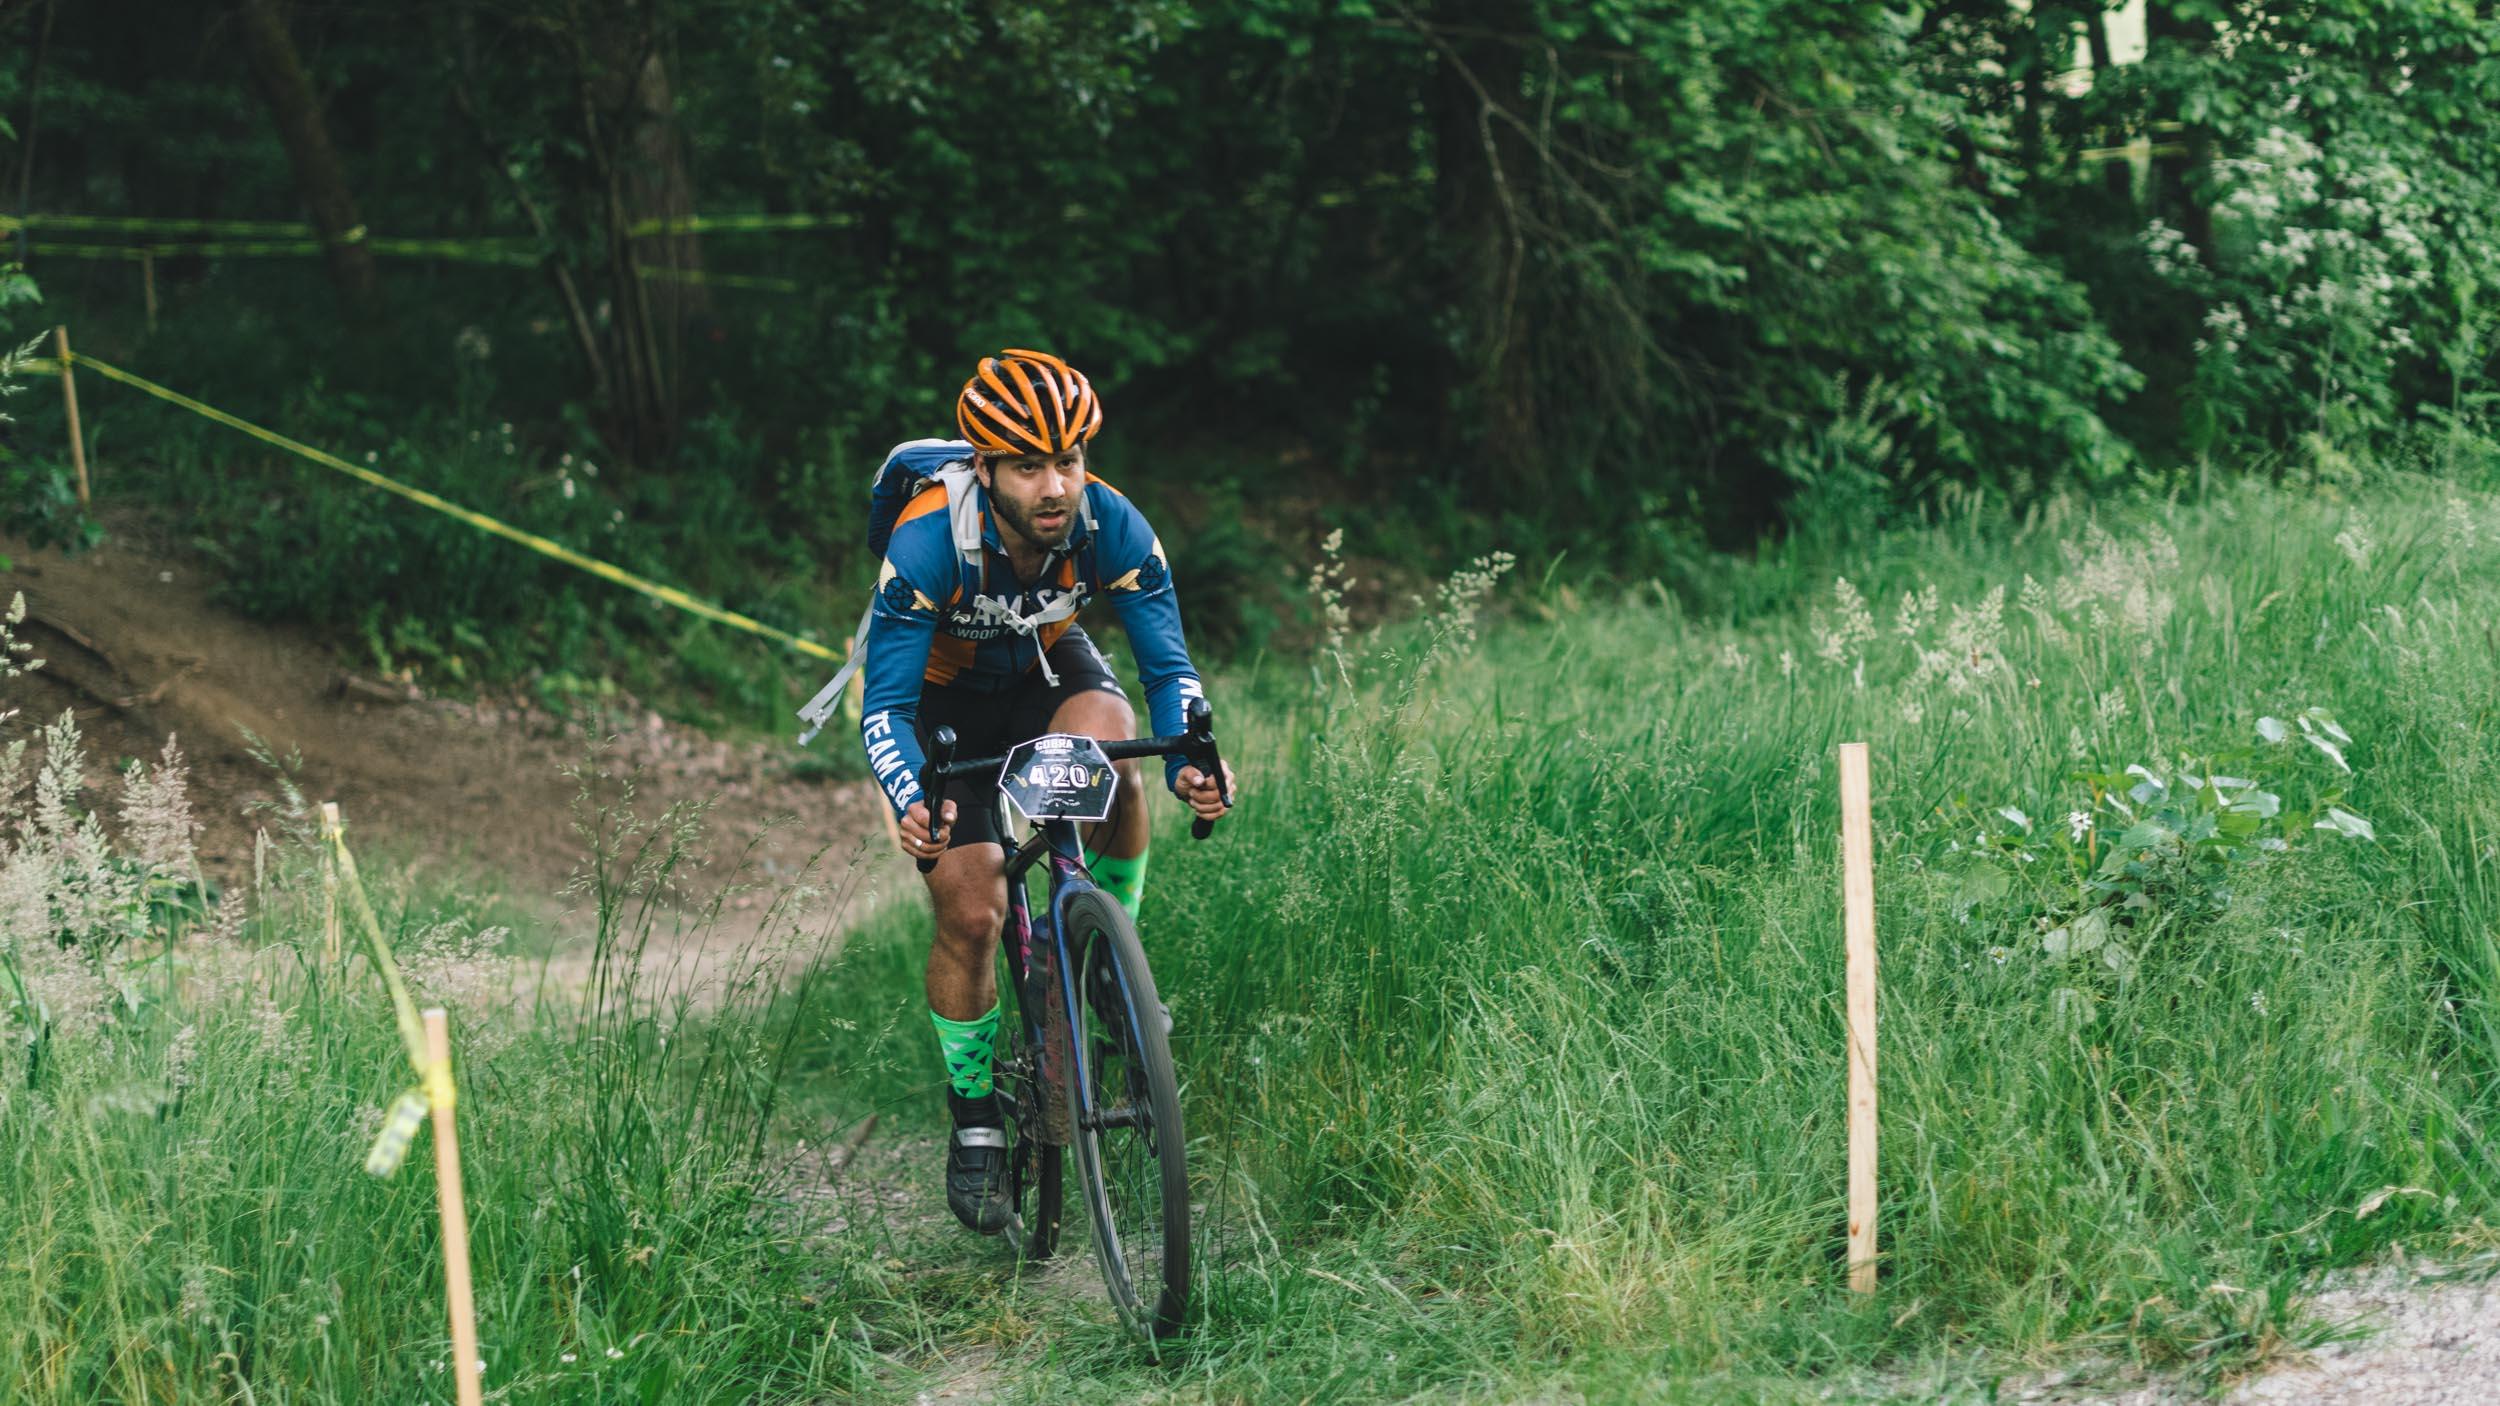 COBRA_Racing_Gateway_Miguel_Race_22.jpg